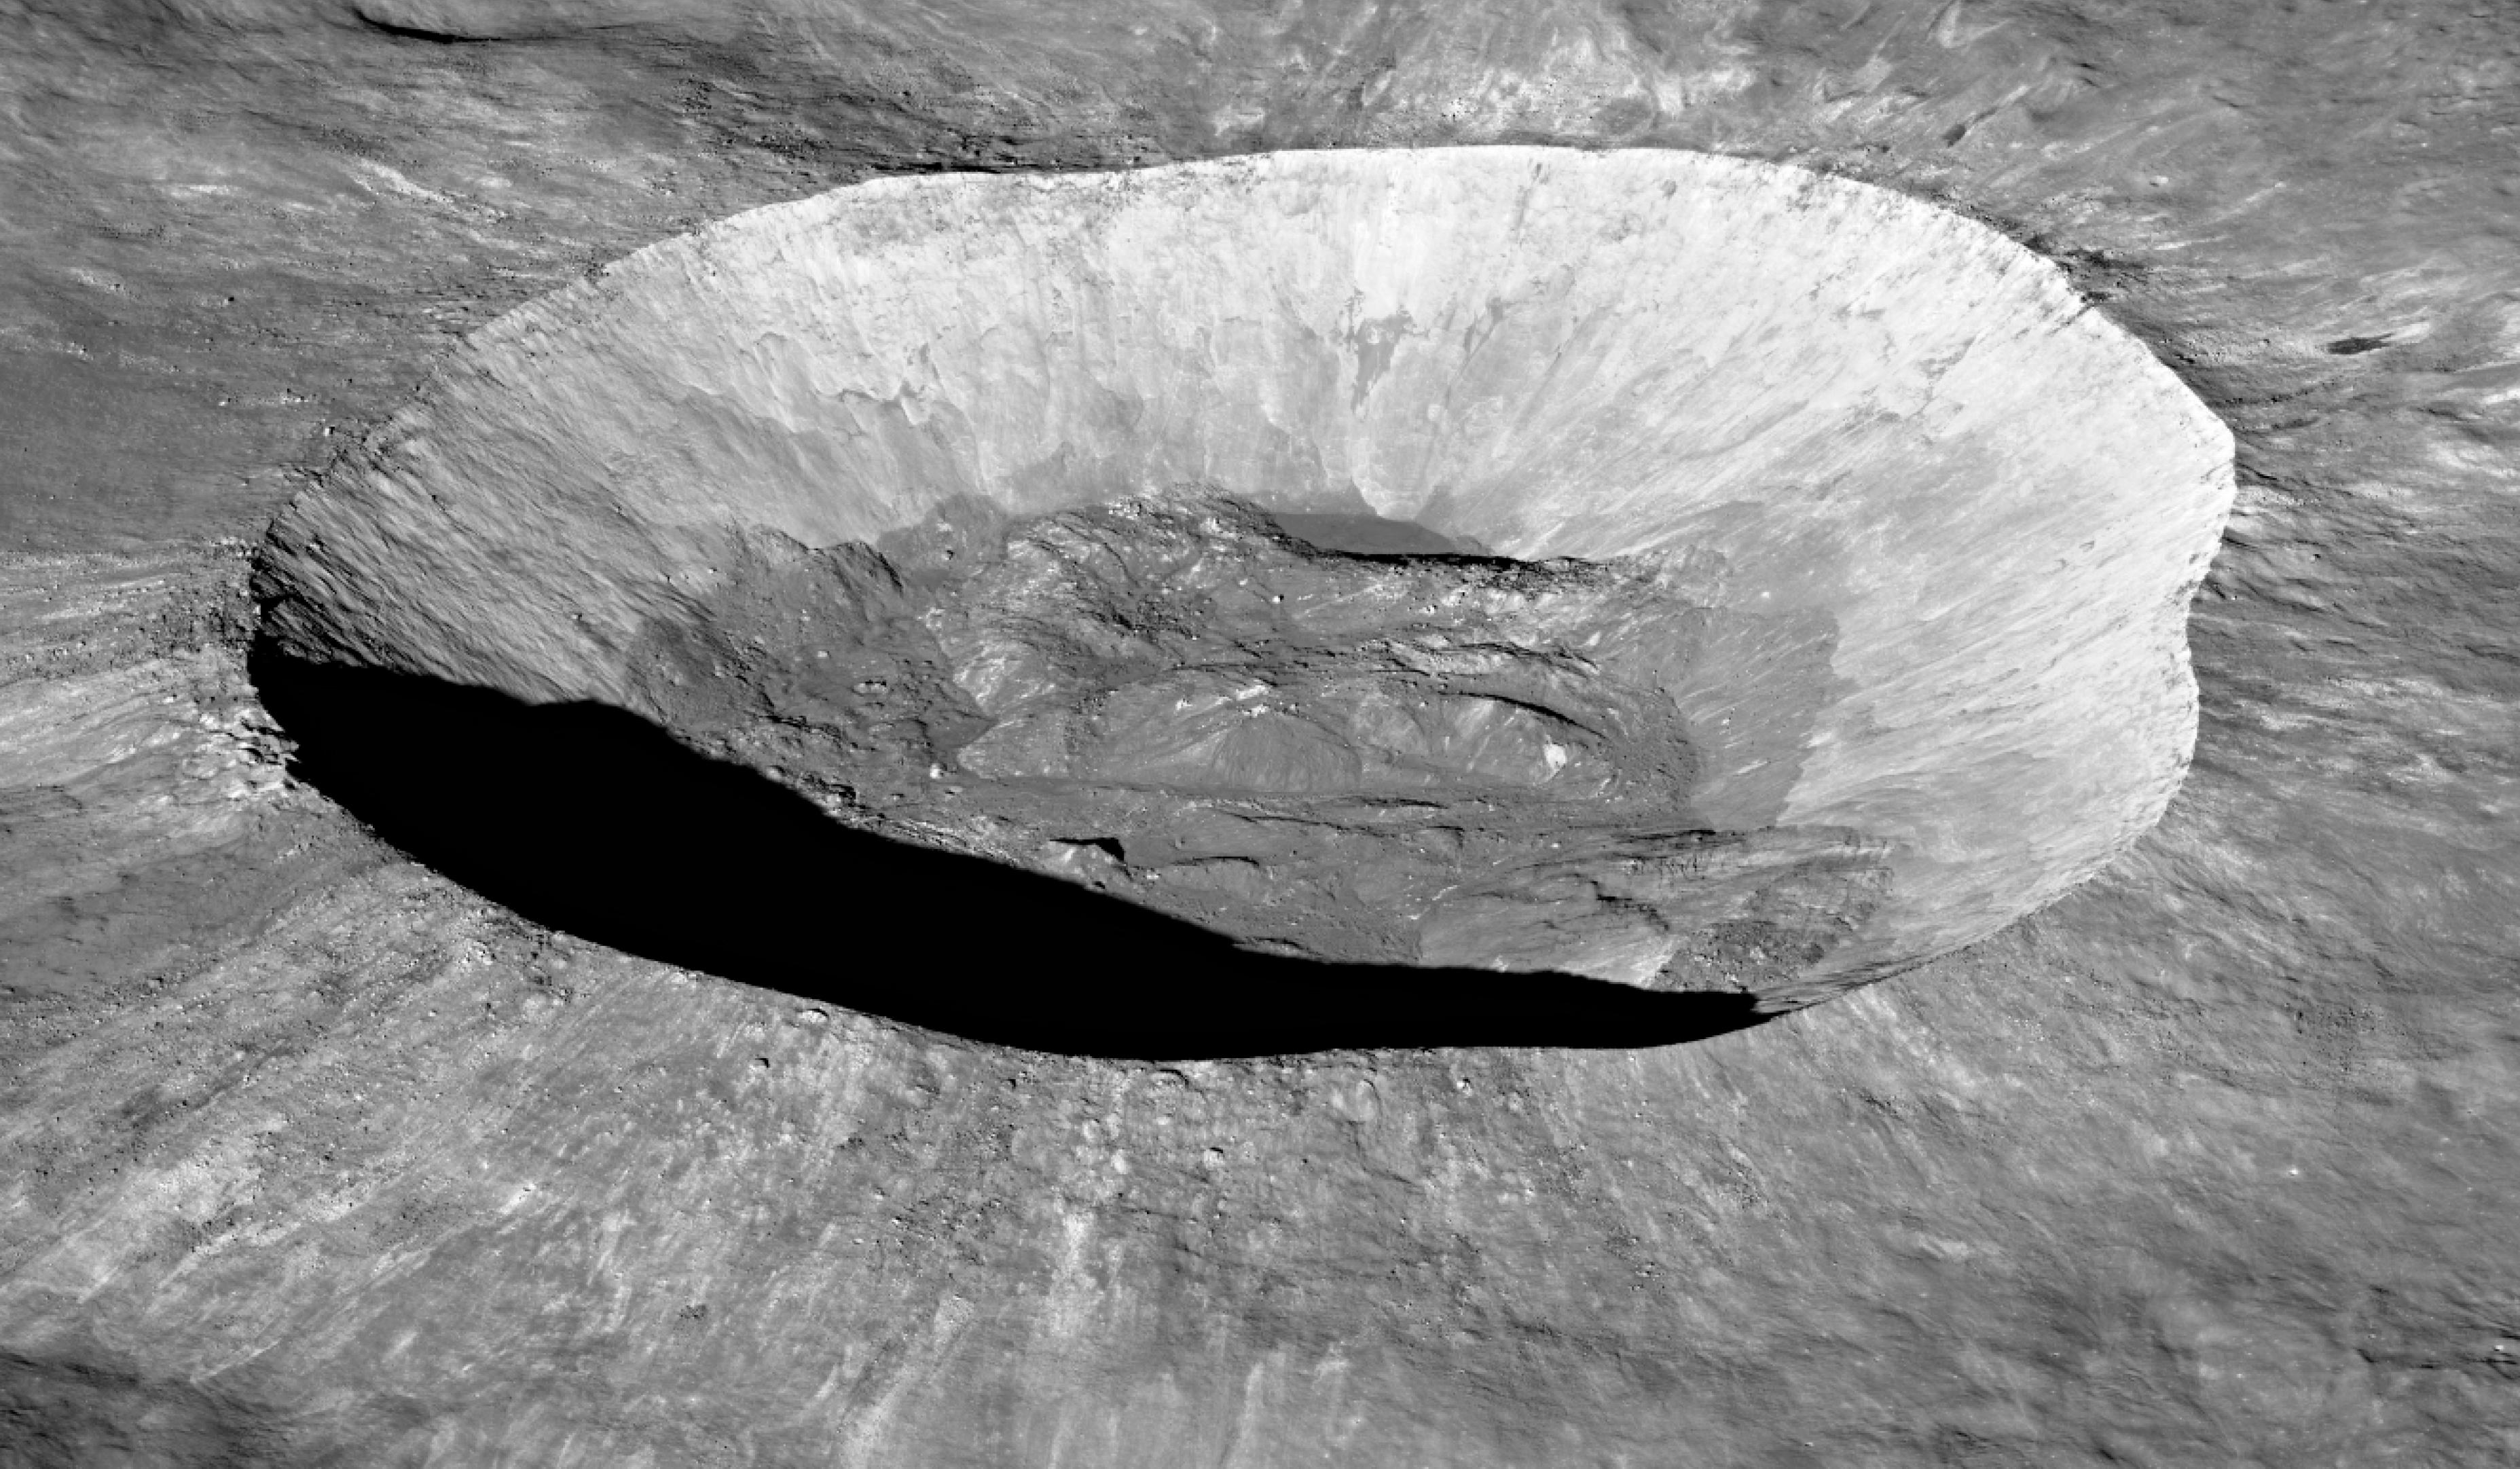 Giordano Bruno Crater